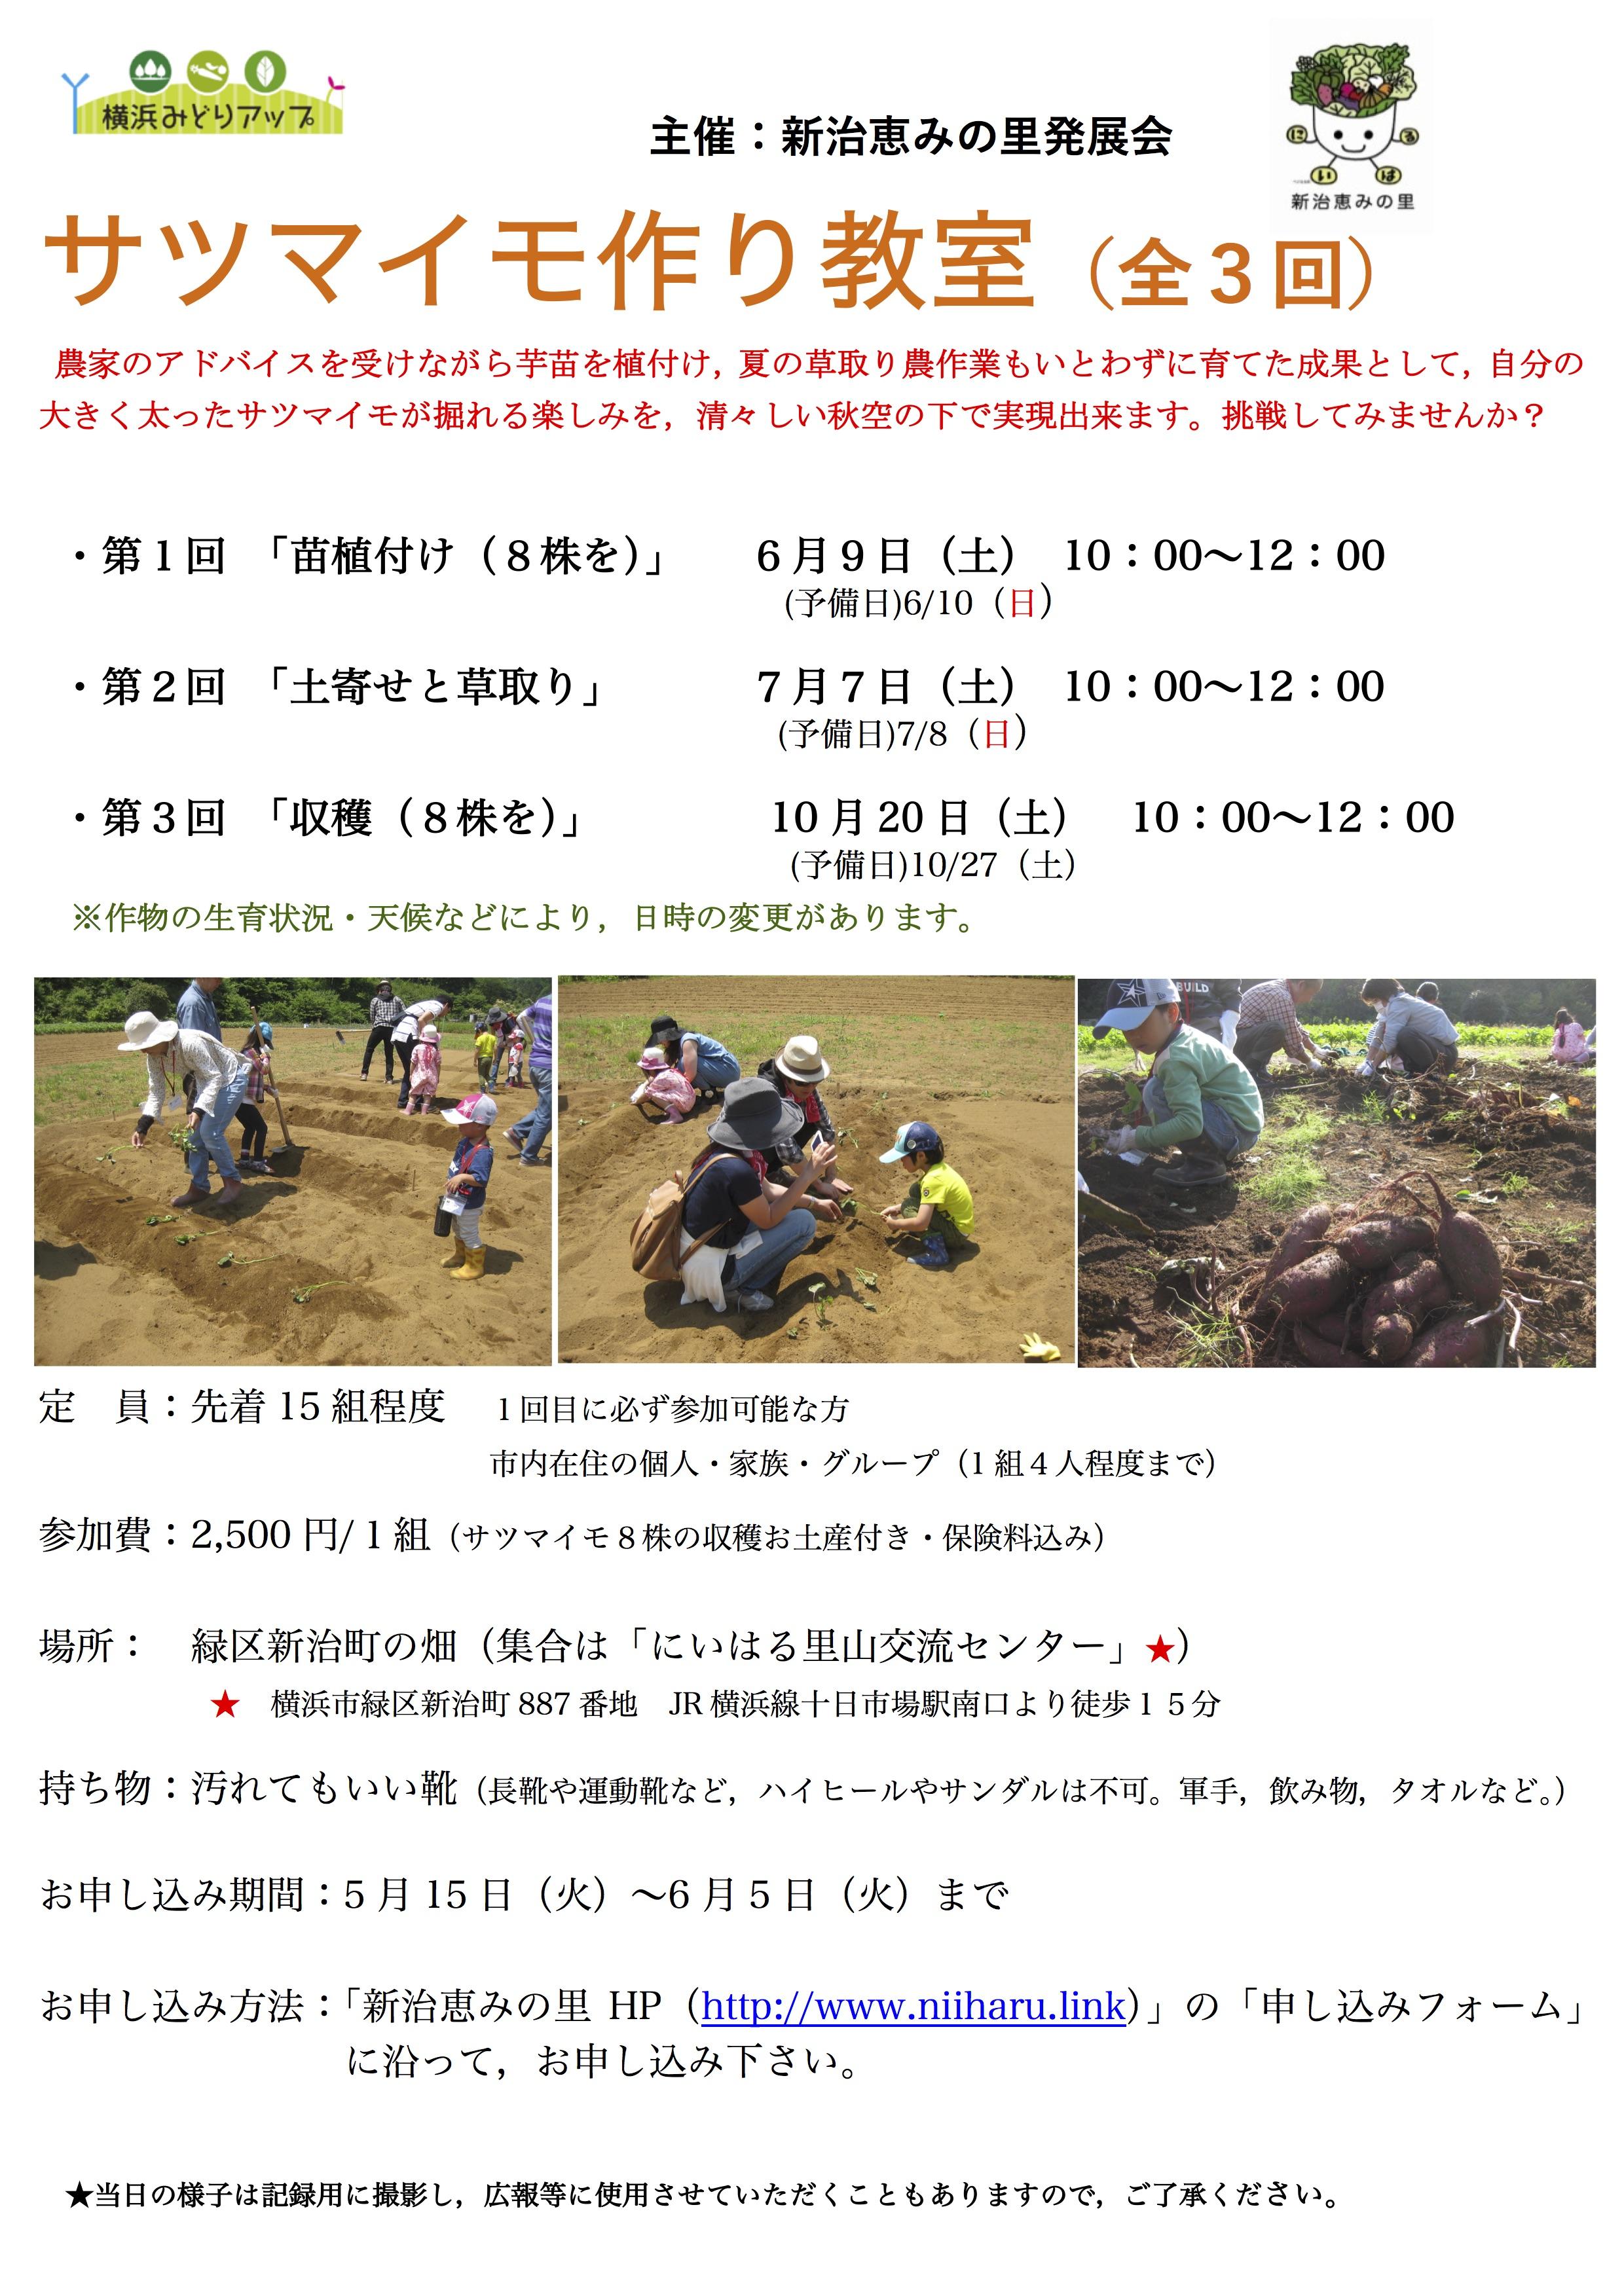 2018サツマイモ作り教室(ポスター・チラシ)